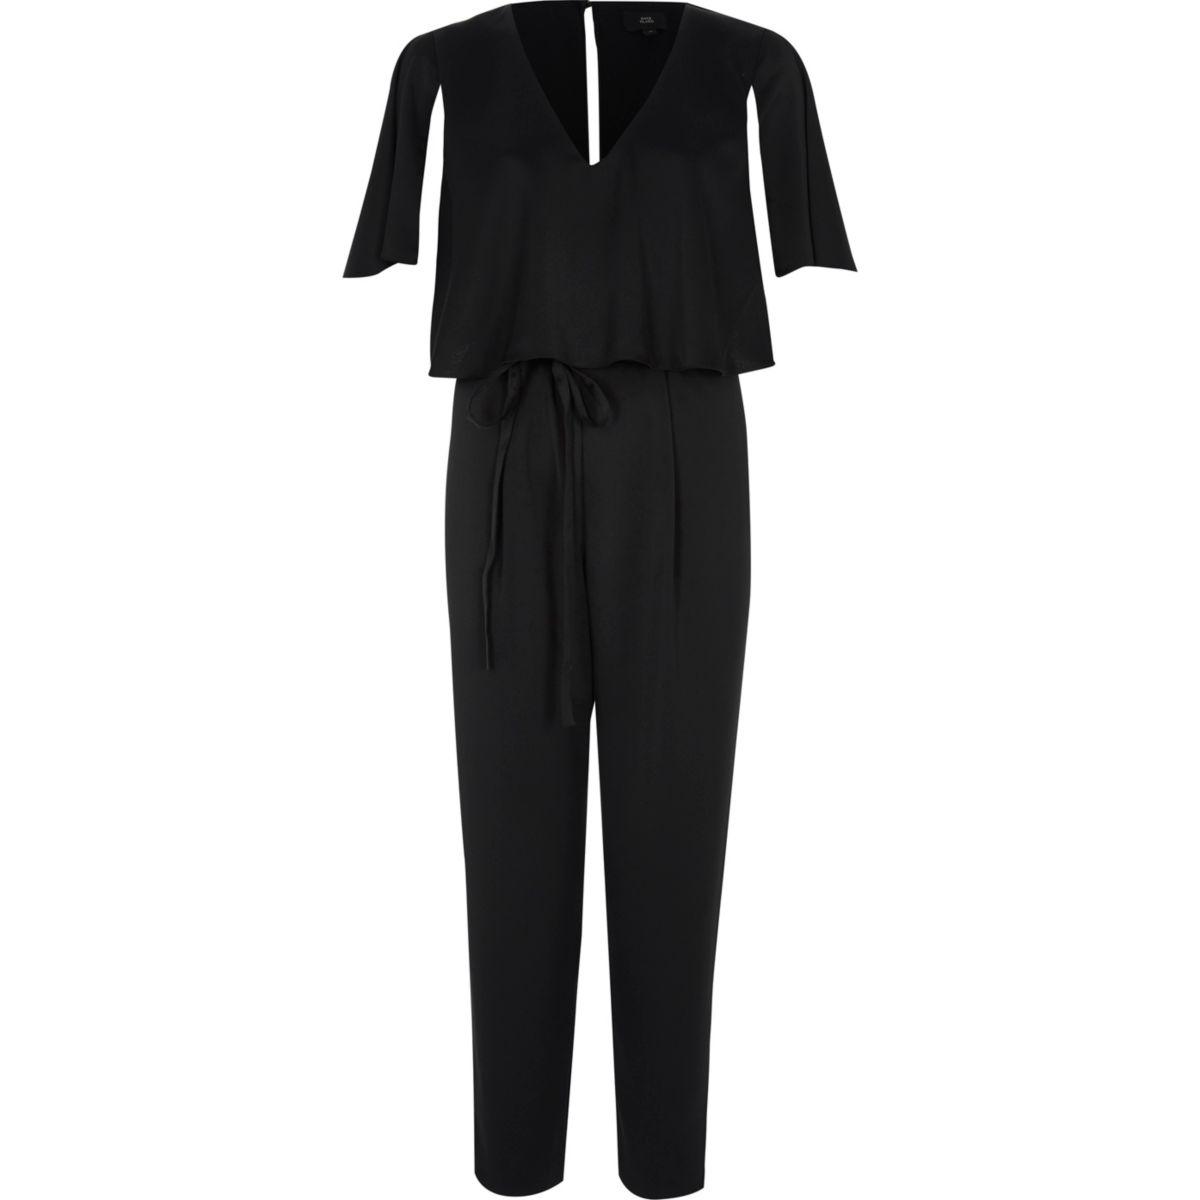 Combinaison noire avec cordon à la taille et manches style cape